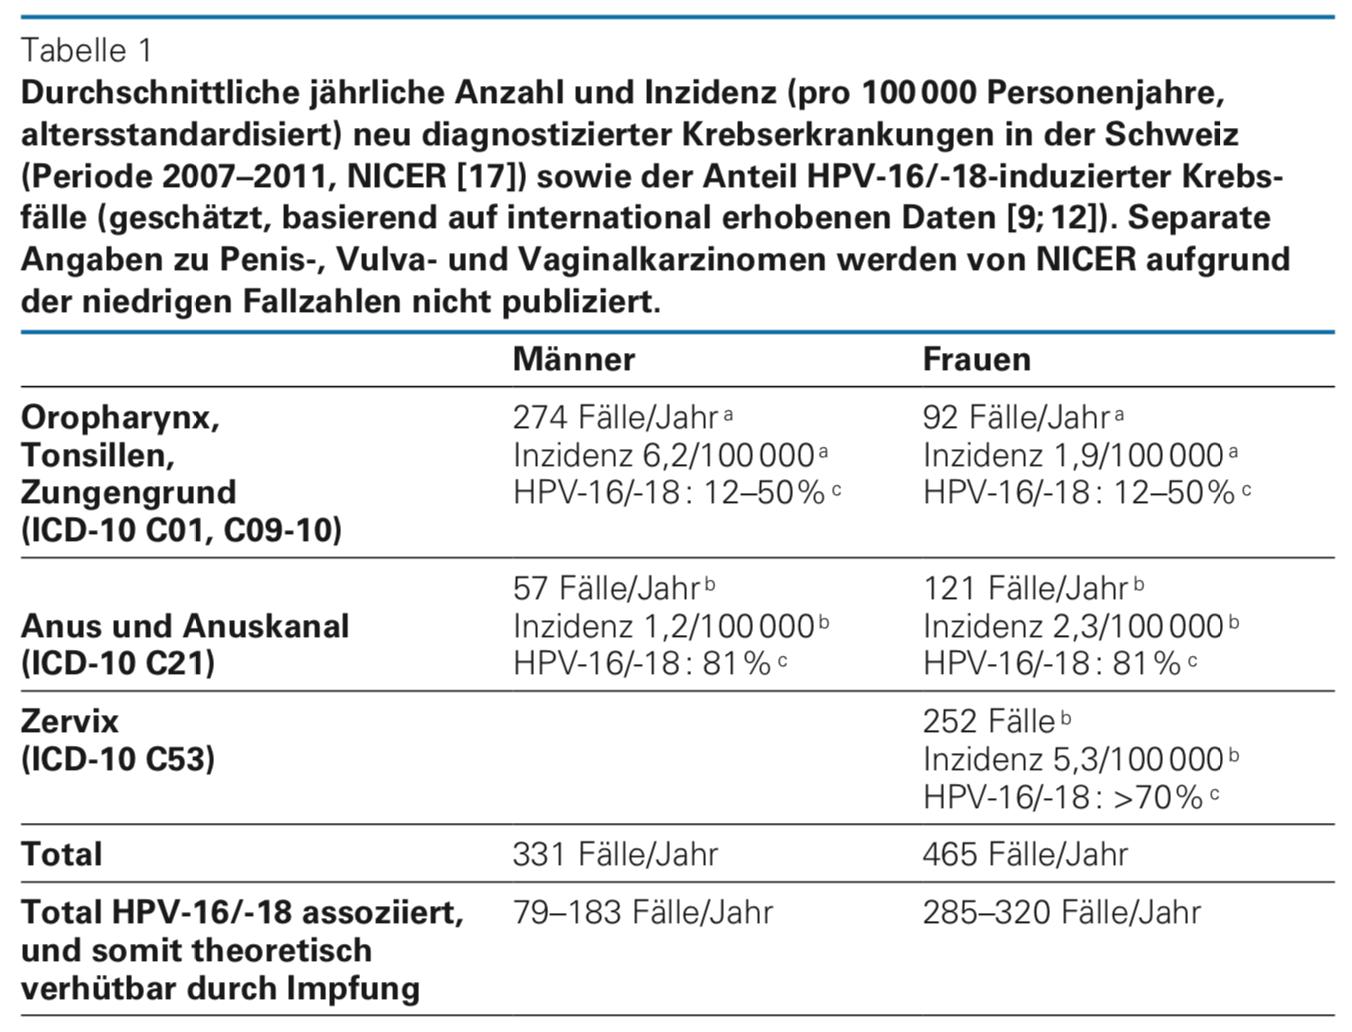 Hpv impfung erfahrungsberichte,